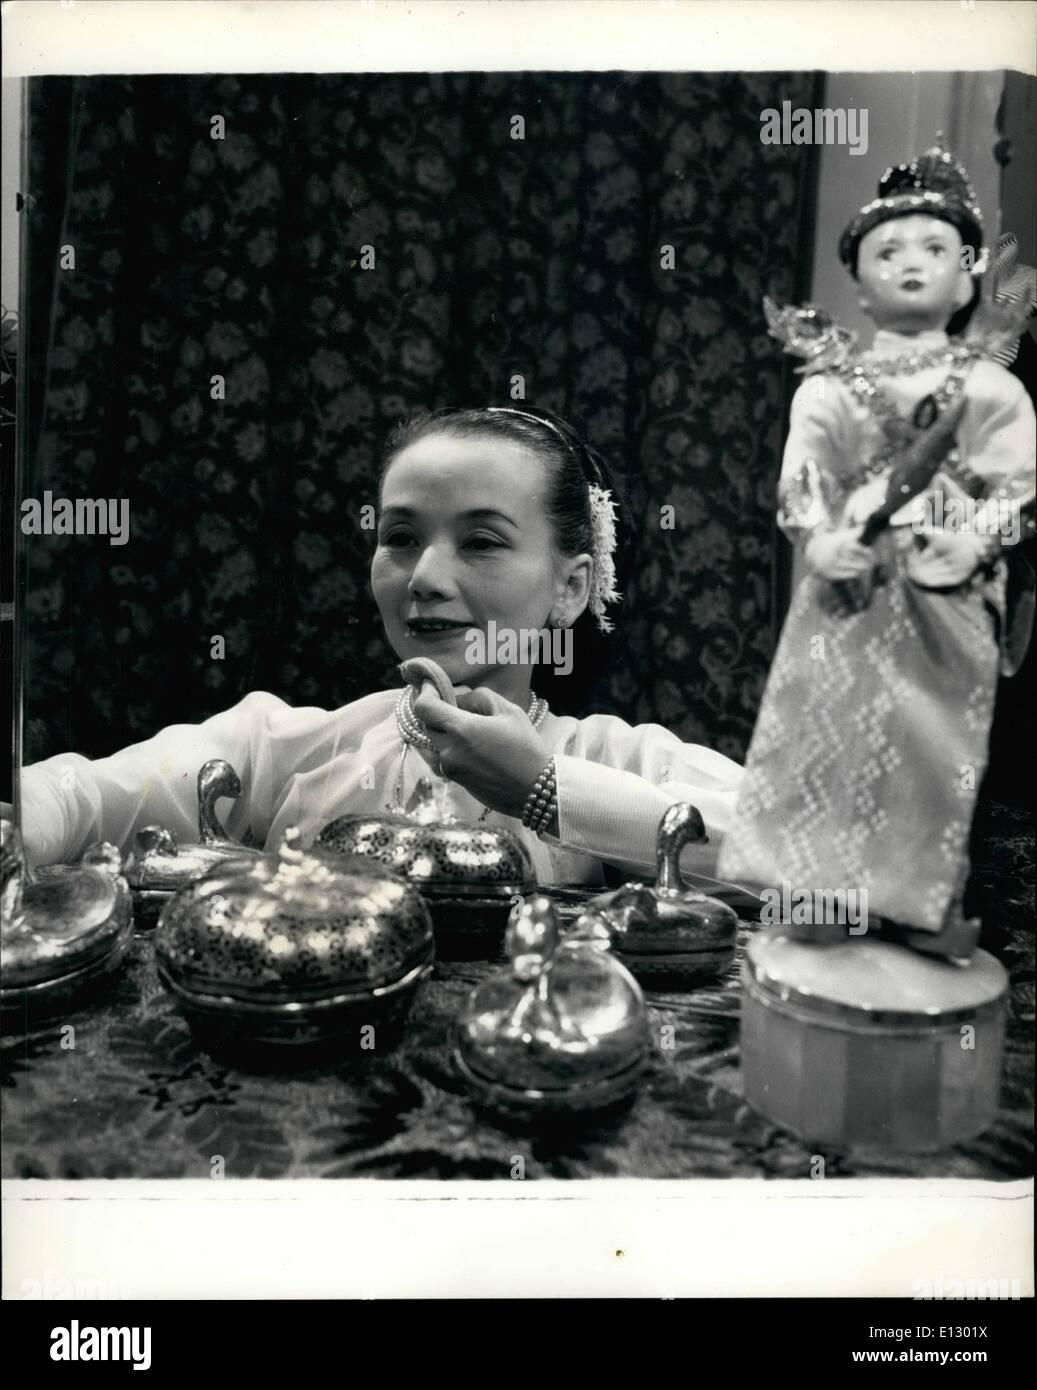 25. Februar 2012 - wie diese orientalischen Teint erreicht.: Frau Mya-Mya - Millicent Spencer gilt das Sandelholz Rinde Pulver an ihrer Haut nach der Paste reiben. Eine burmesische Puppe und burmesischen Stil Schminktisch Satz zu sehen Stockbild